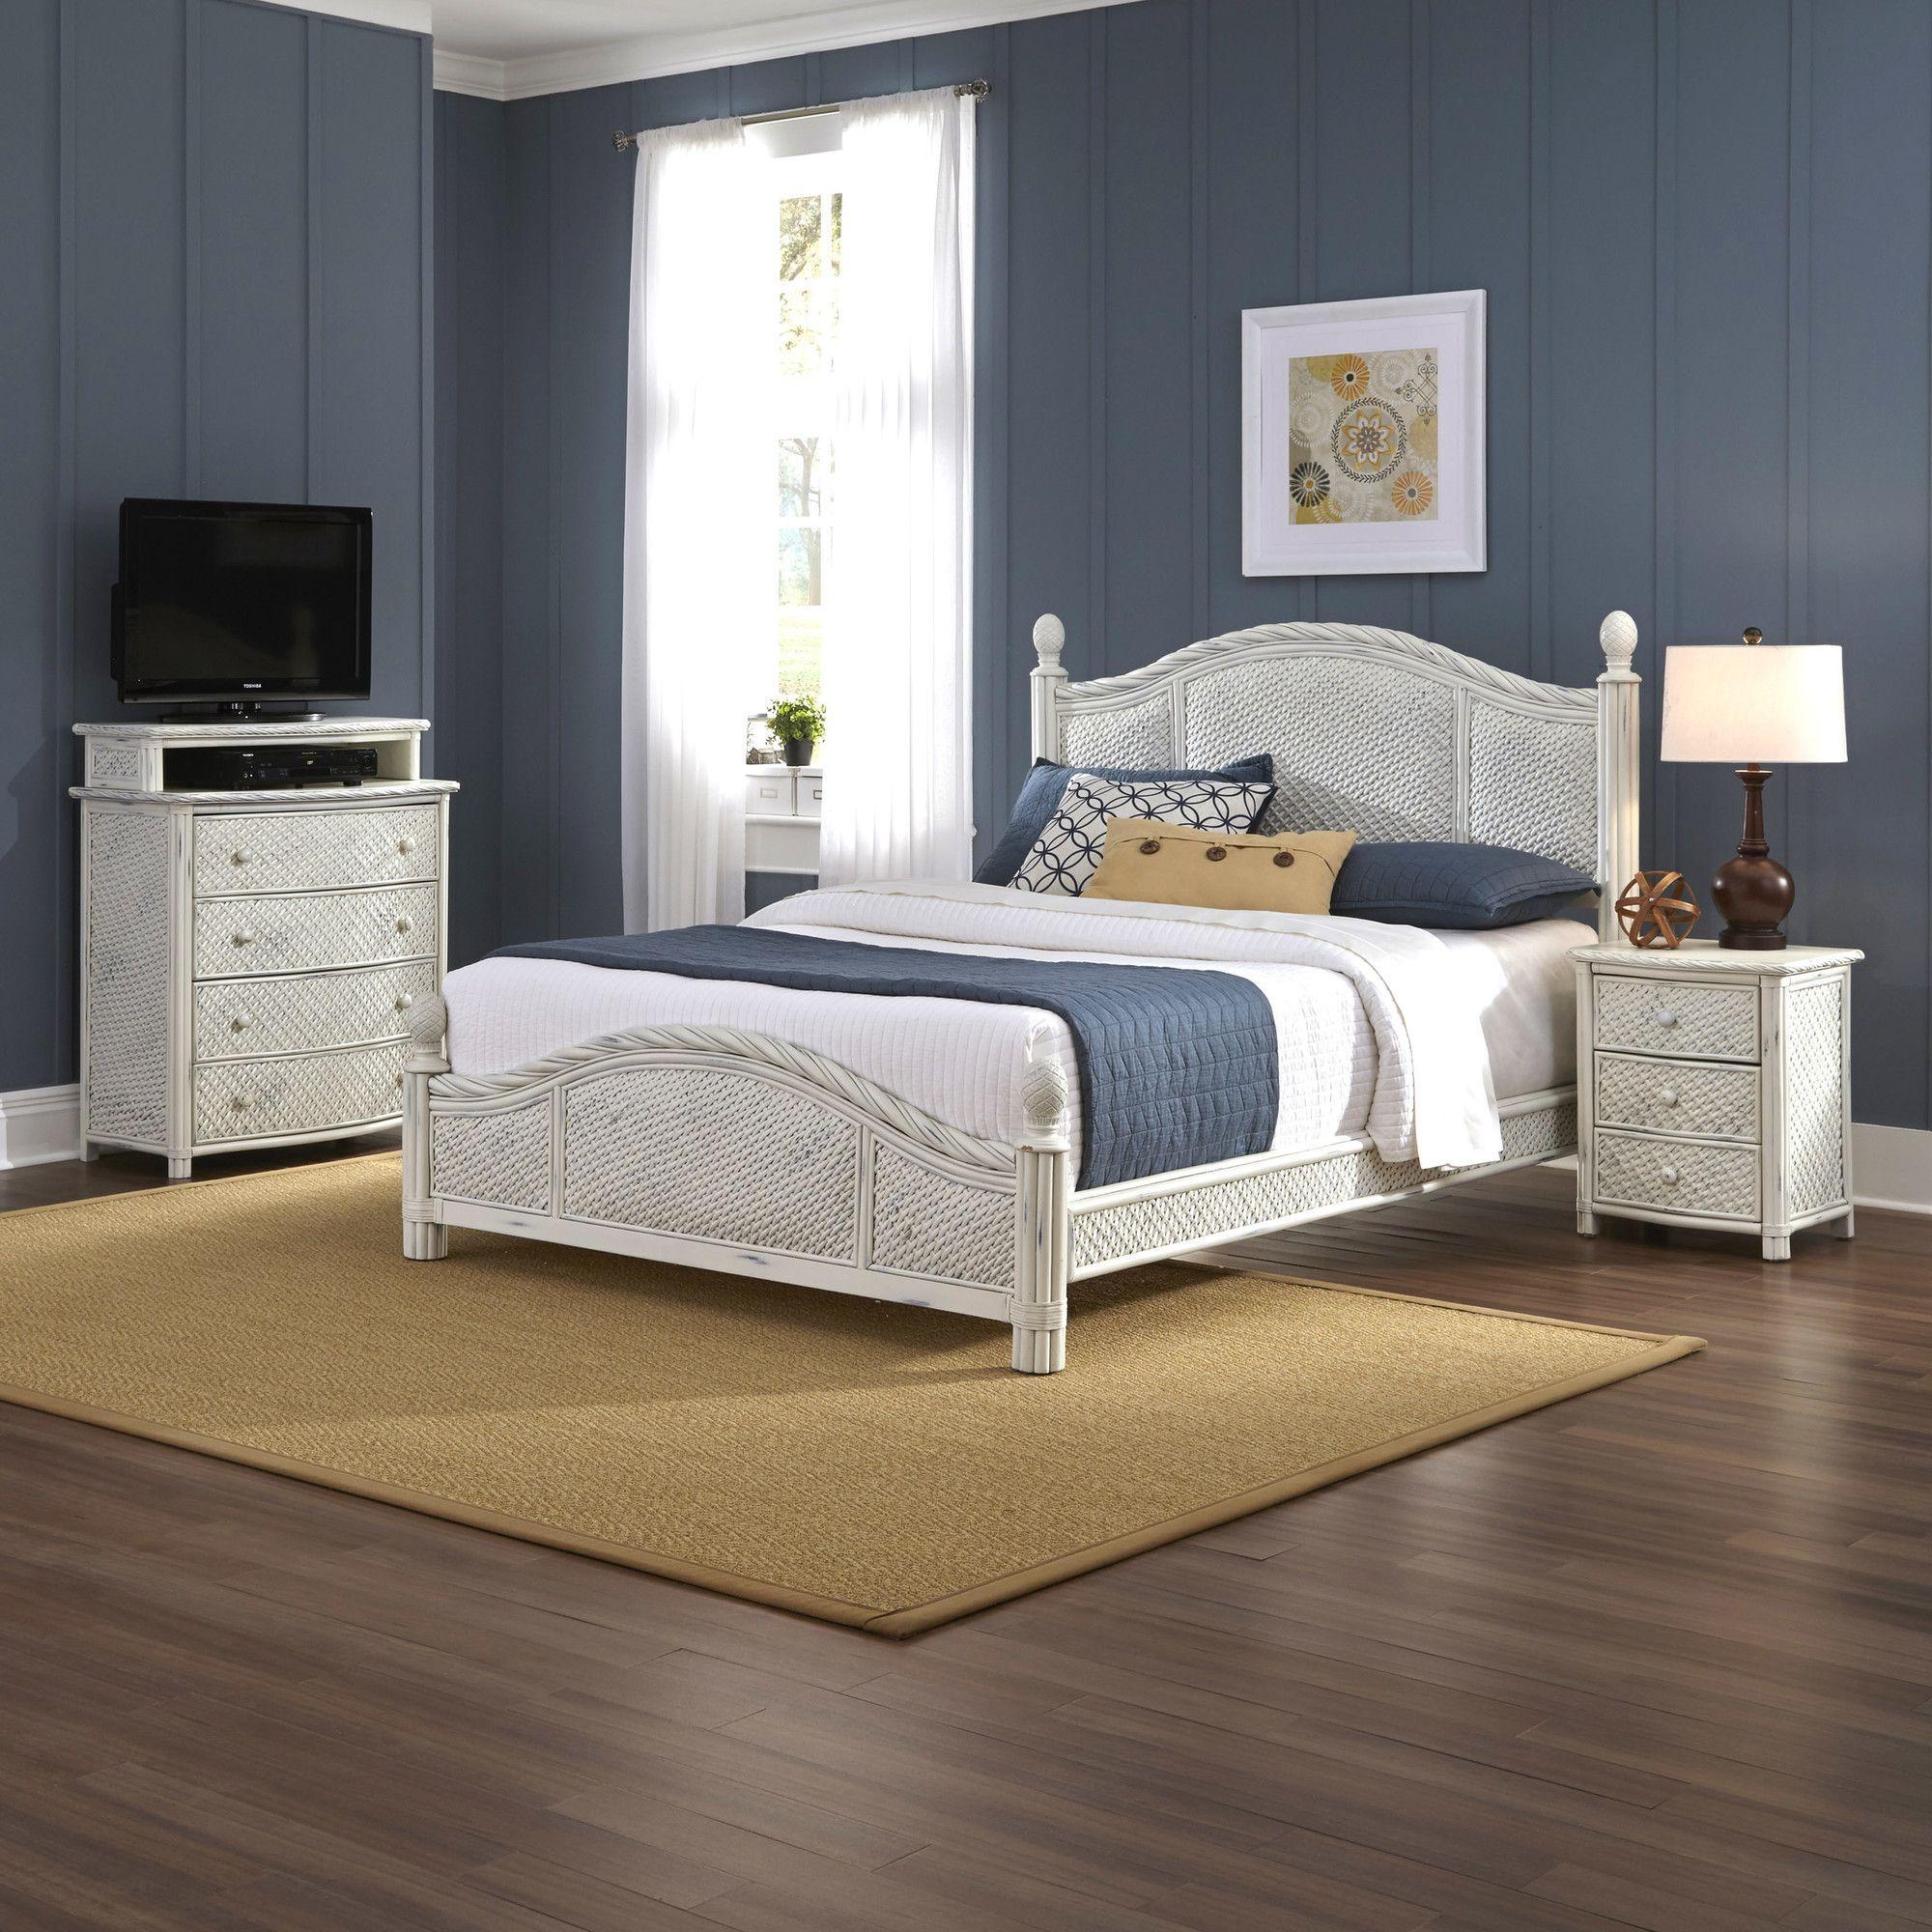 Best Marco Island Panel 3 Piece Bedroom Set Bedroom Sets 640 x 480